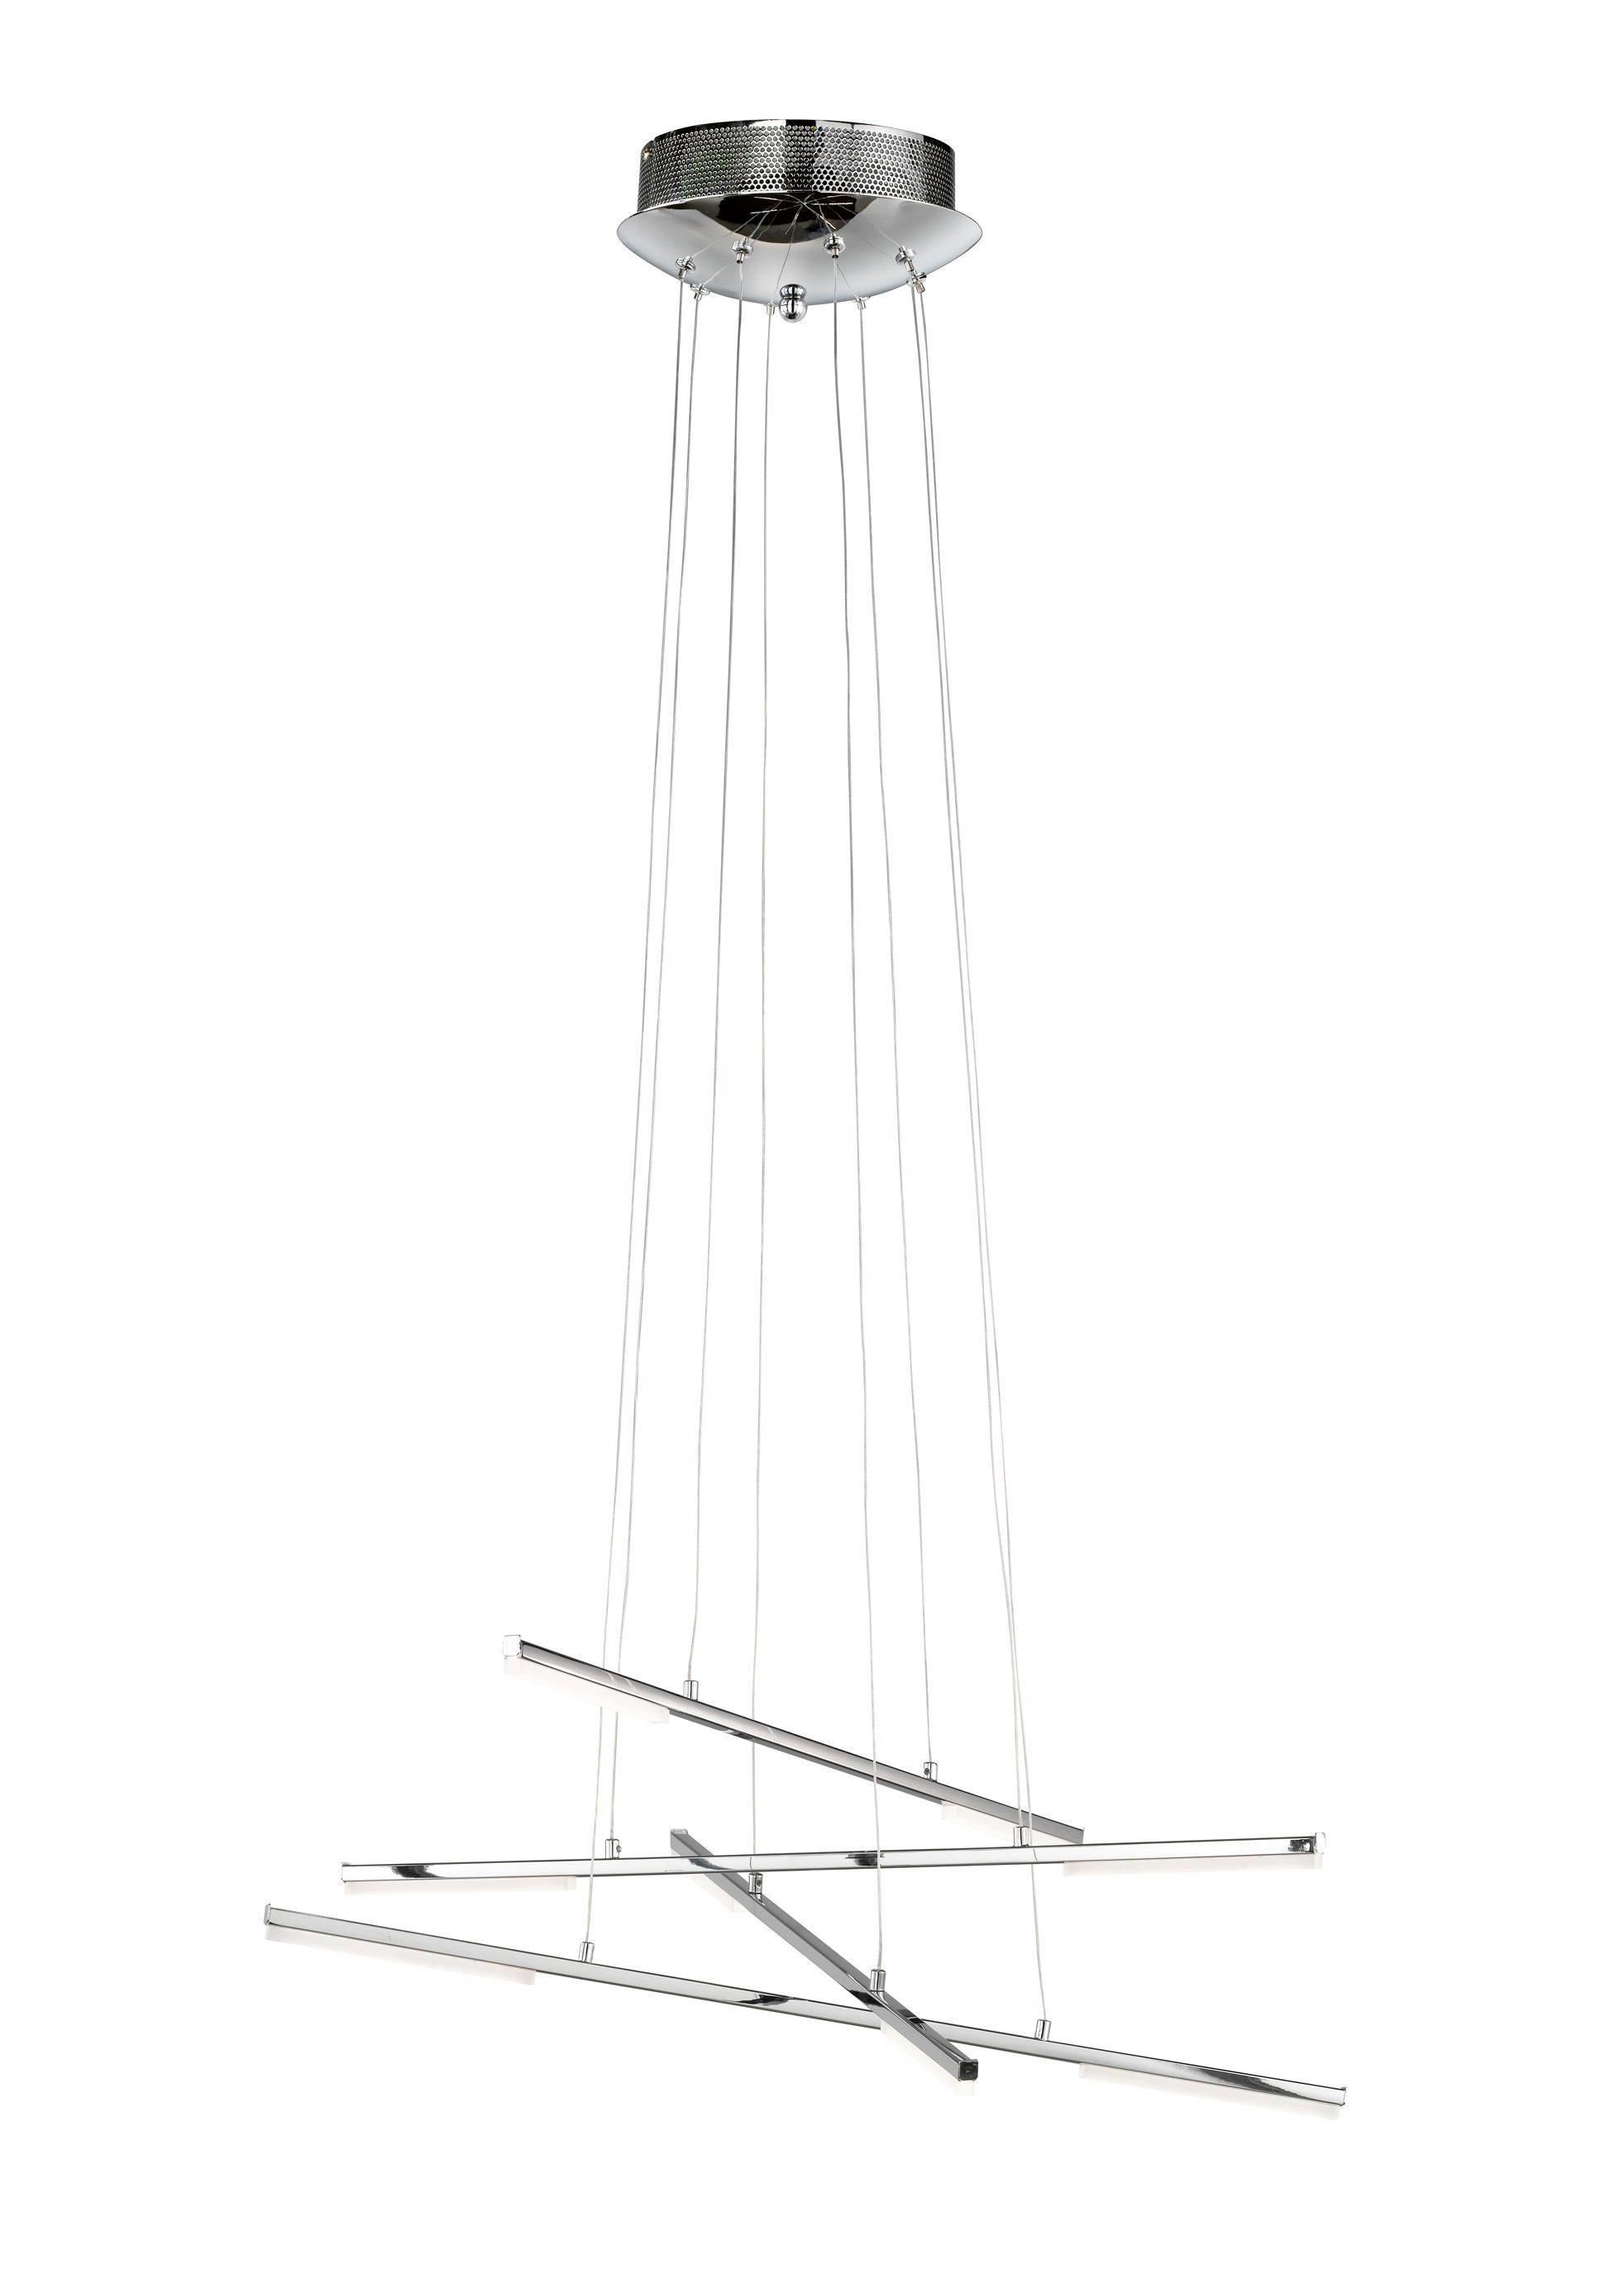 LED-HÄNGELEUCHTE - Chromfarben, Design, Metall (62/150/62cm)